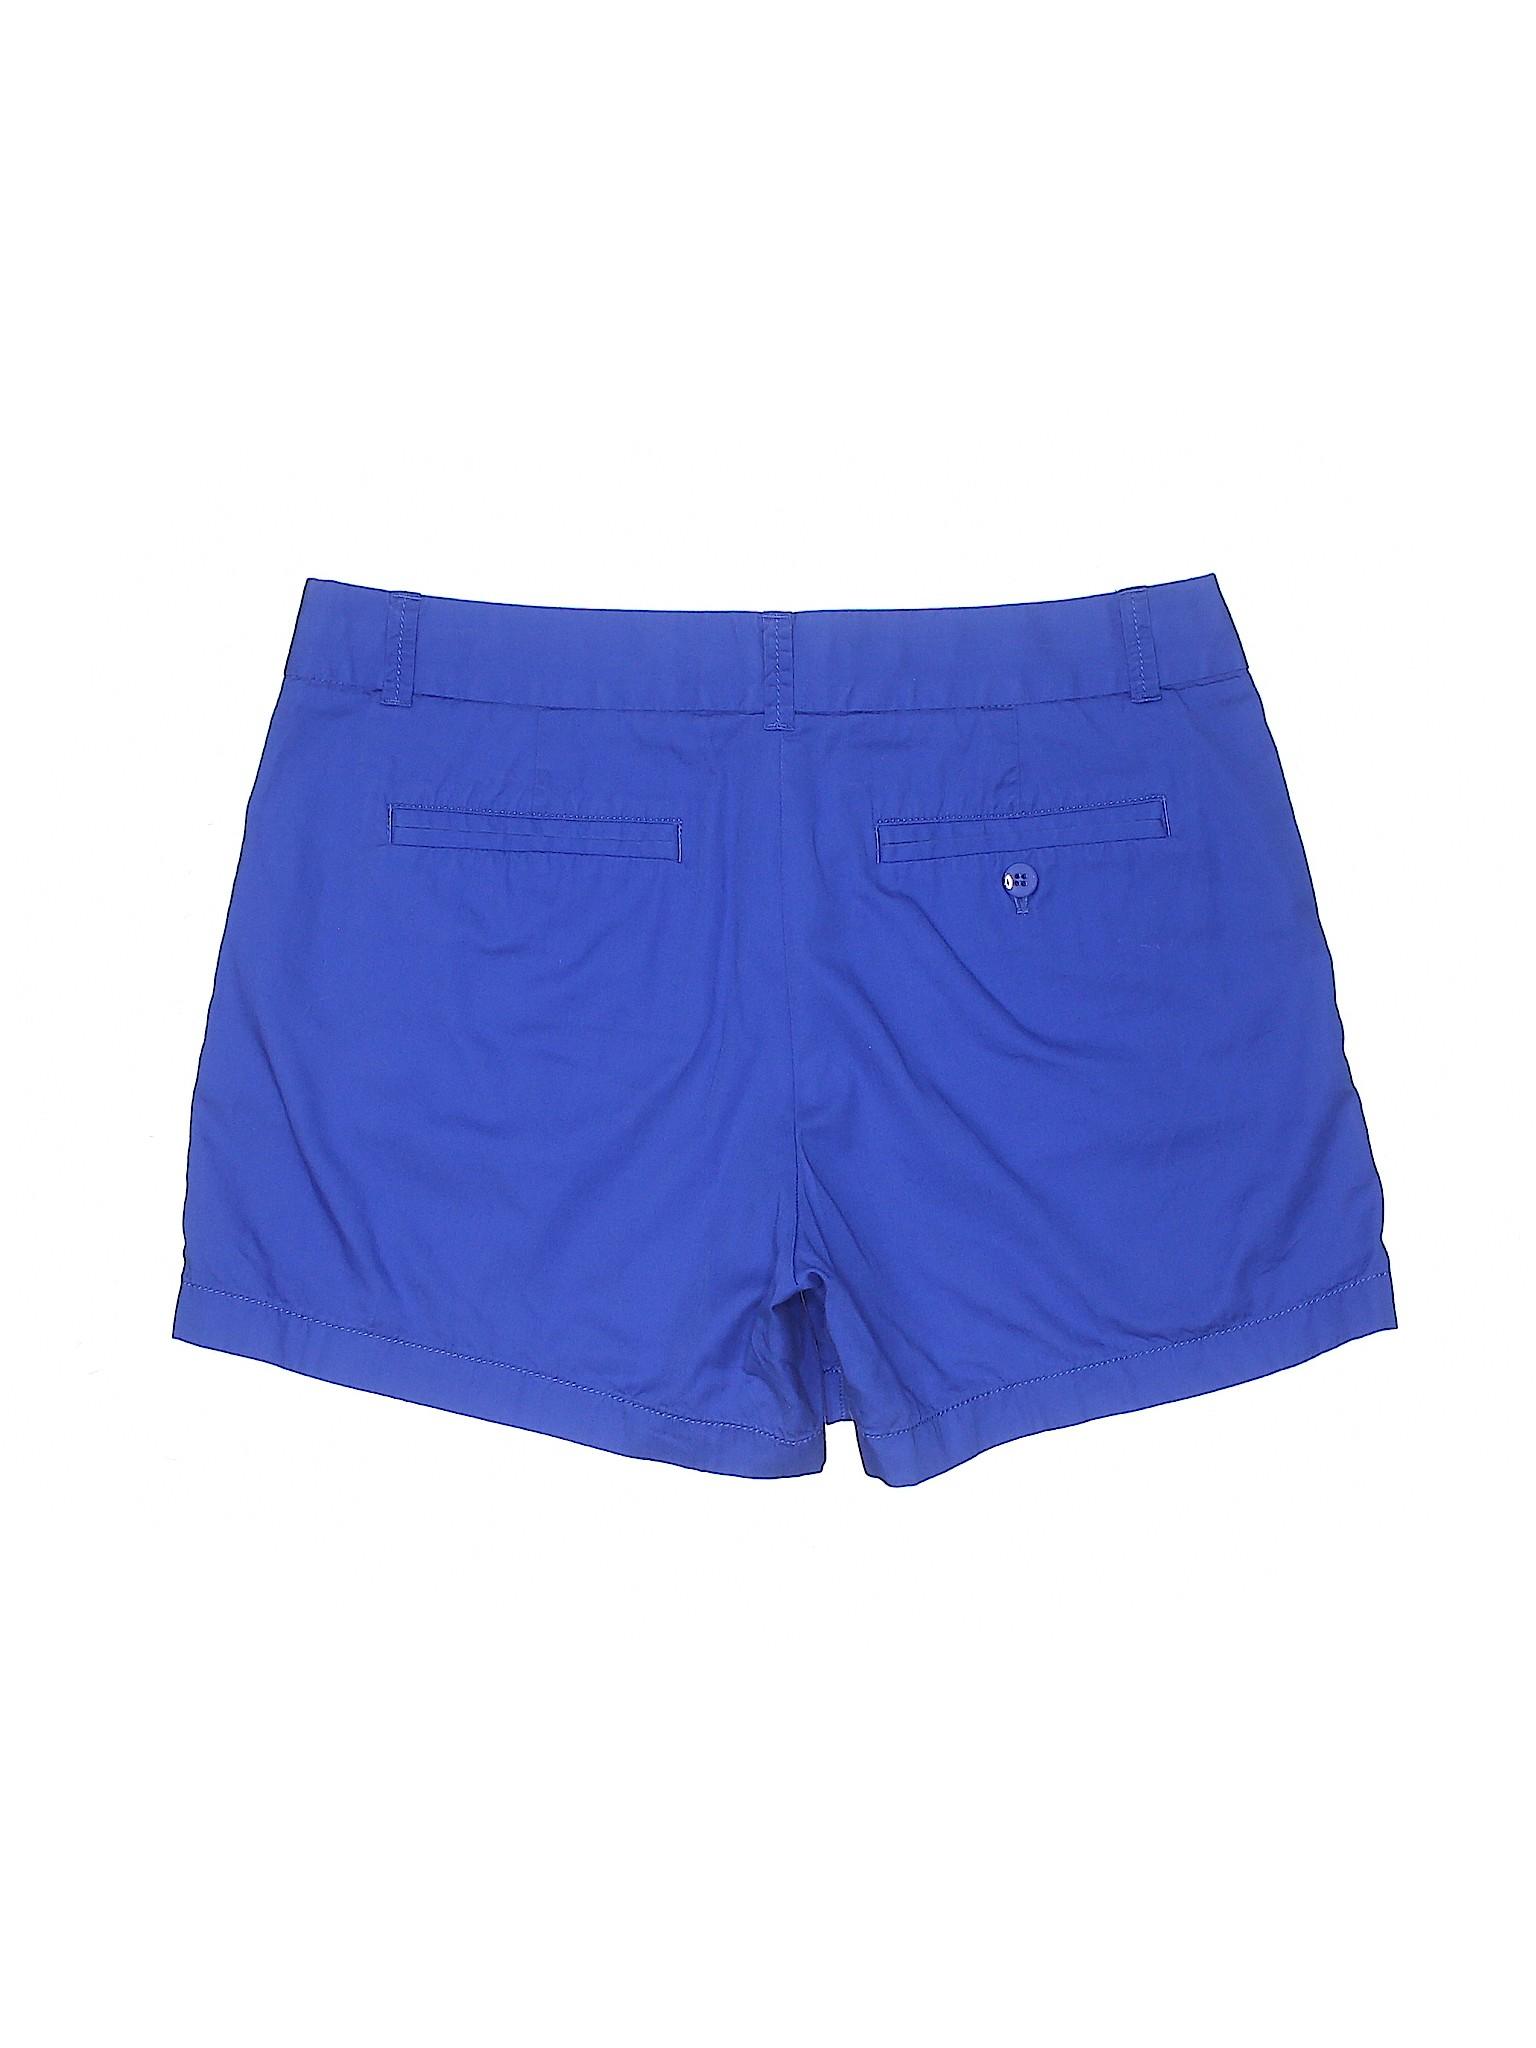 J Crew Boutique Khaki J Boutique Crew Shorts ORqR75wz